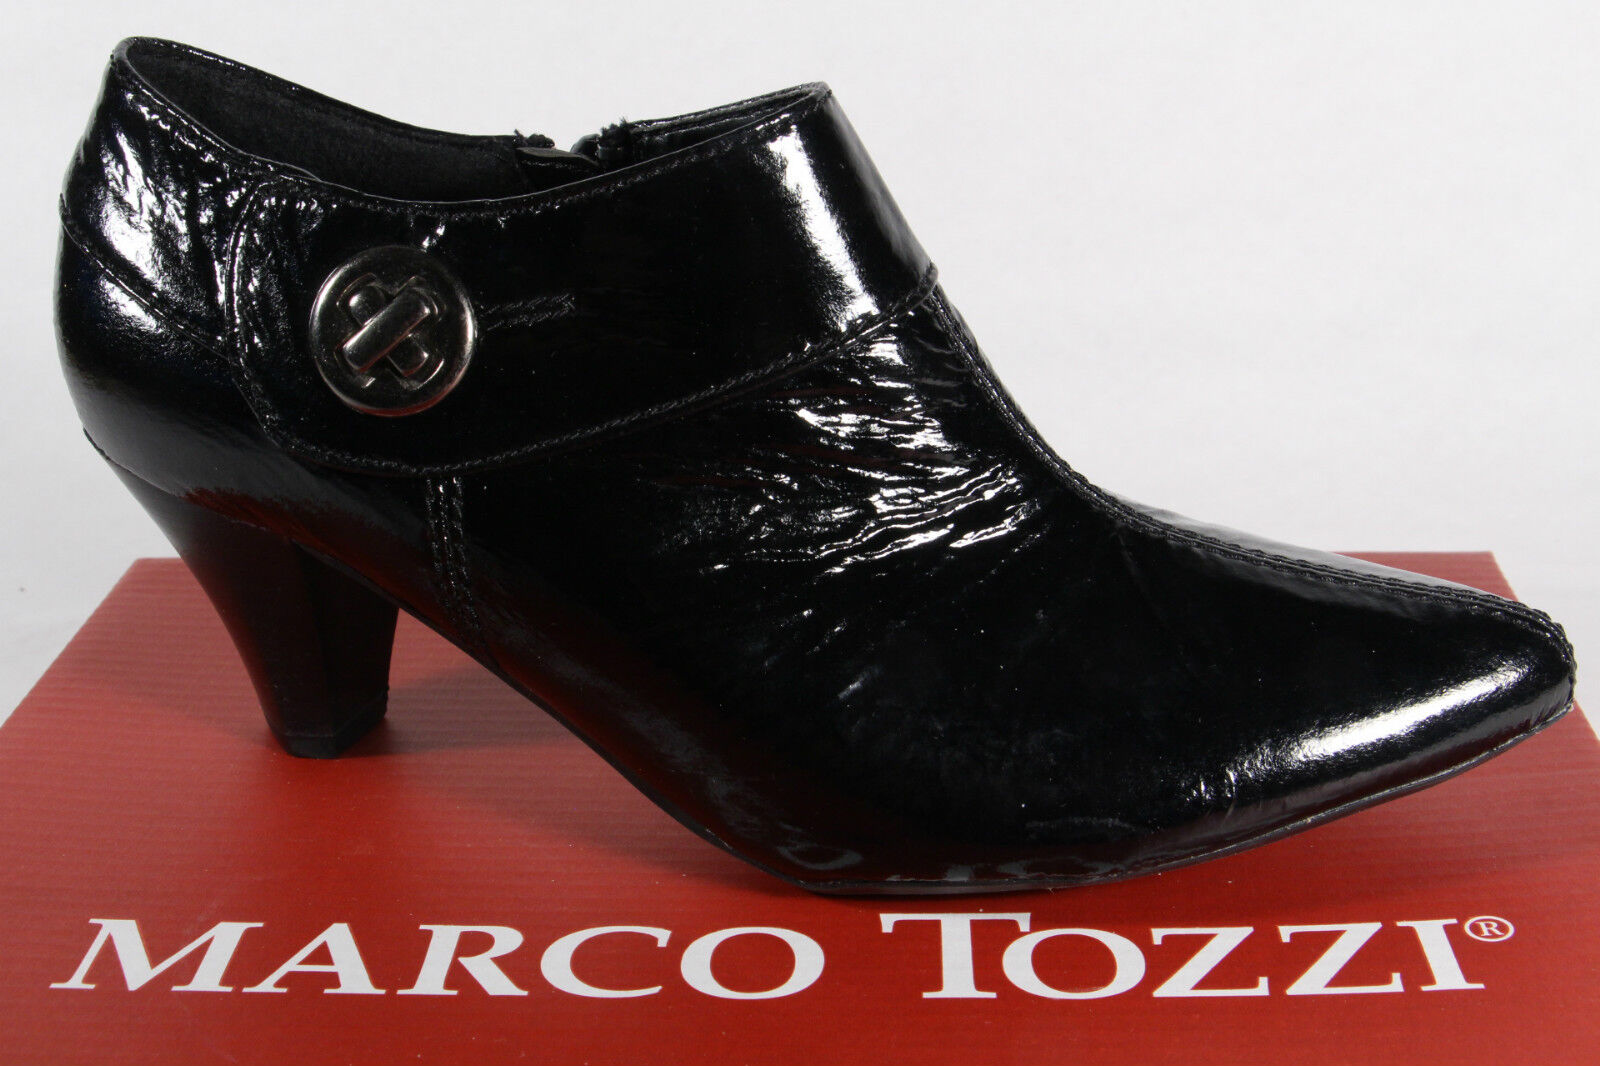 Moda barata y hermosa Descuento por tiempo limitado Marco Tozzi slippers Tacones Bajo Zapatos Charol Cuero Artificial Negro NUEVO